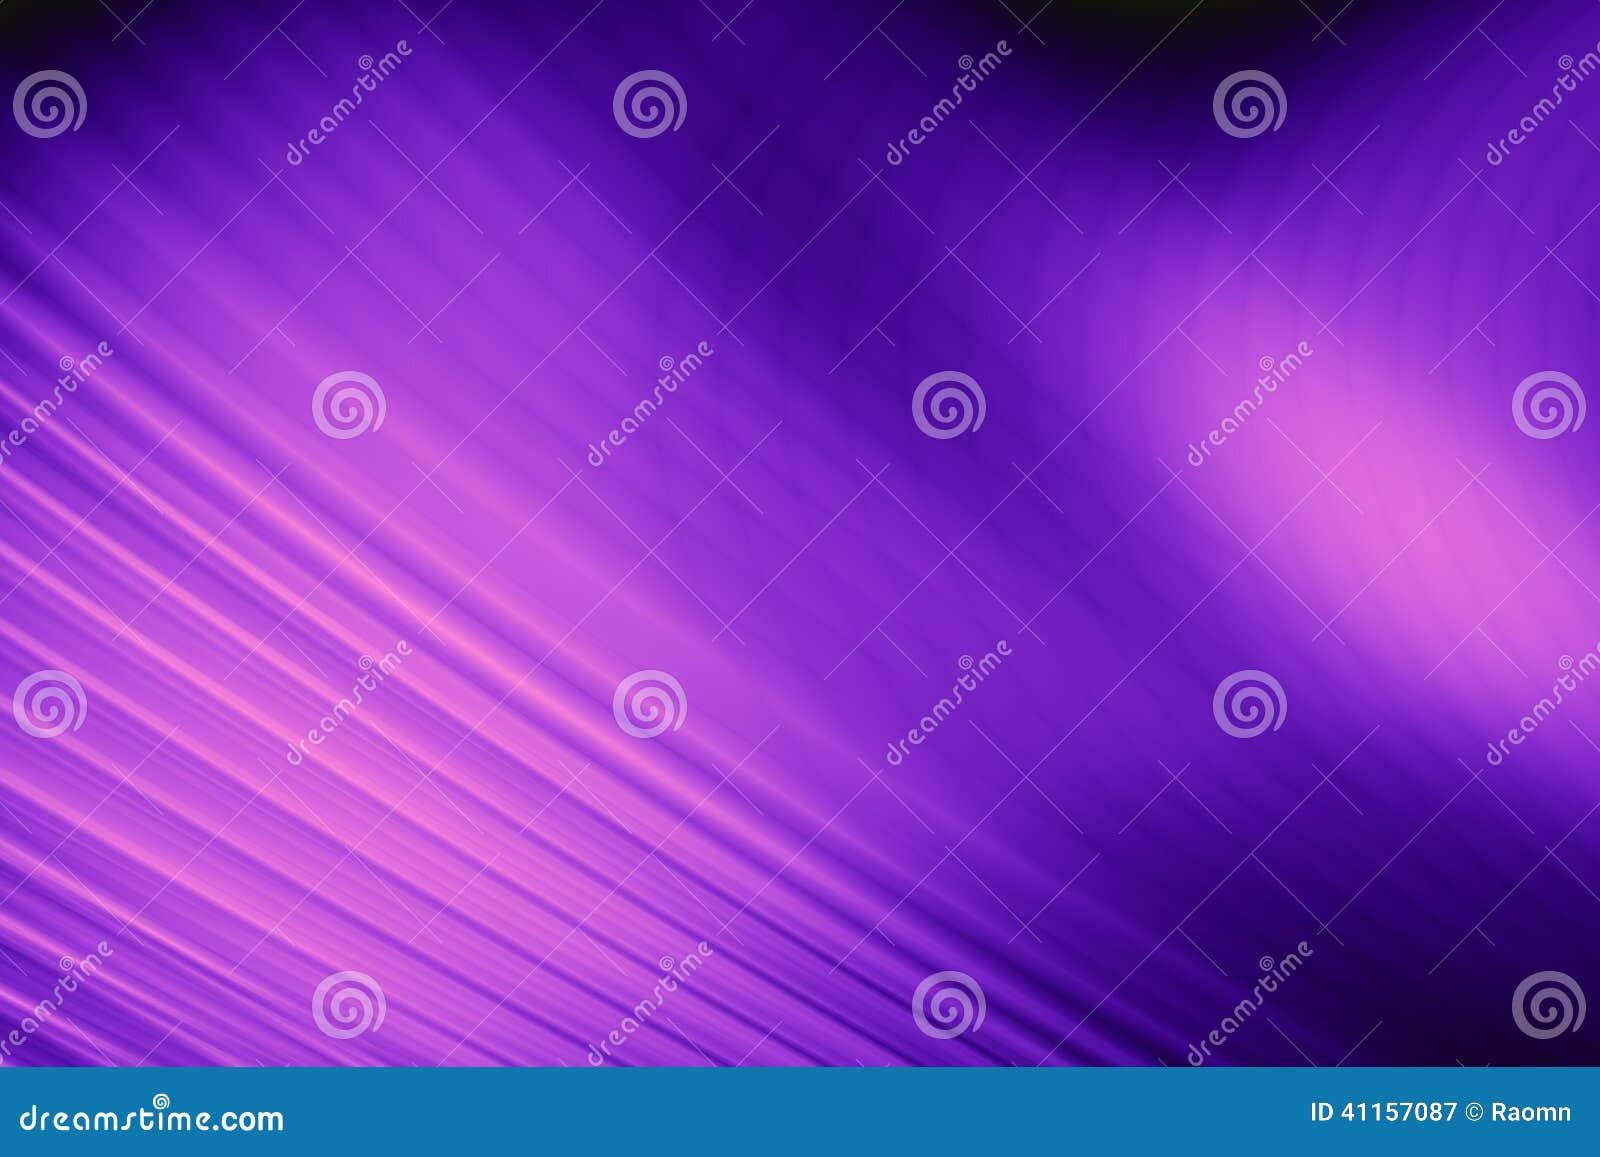 elegant purple backgrounds - photo #23